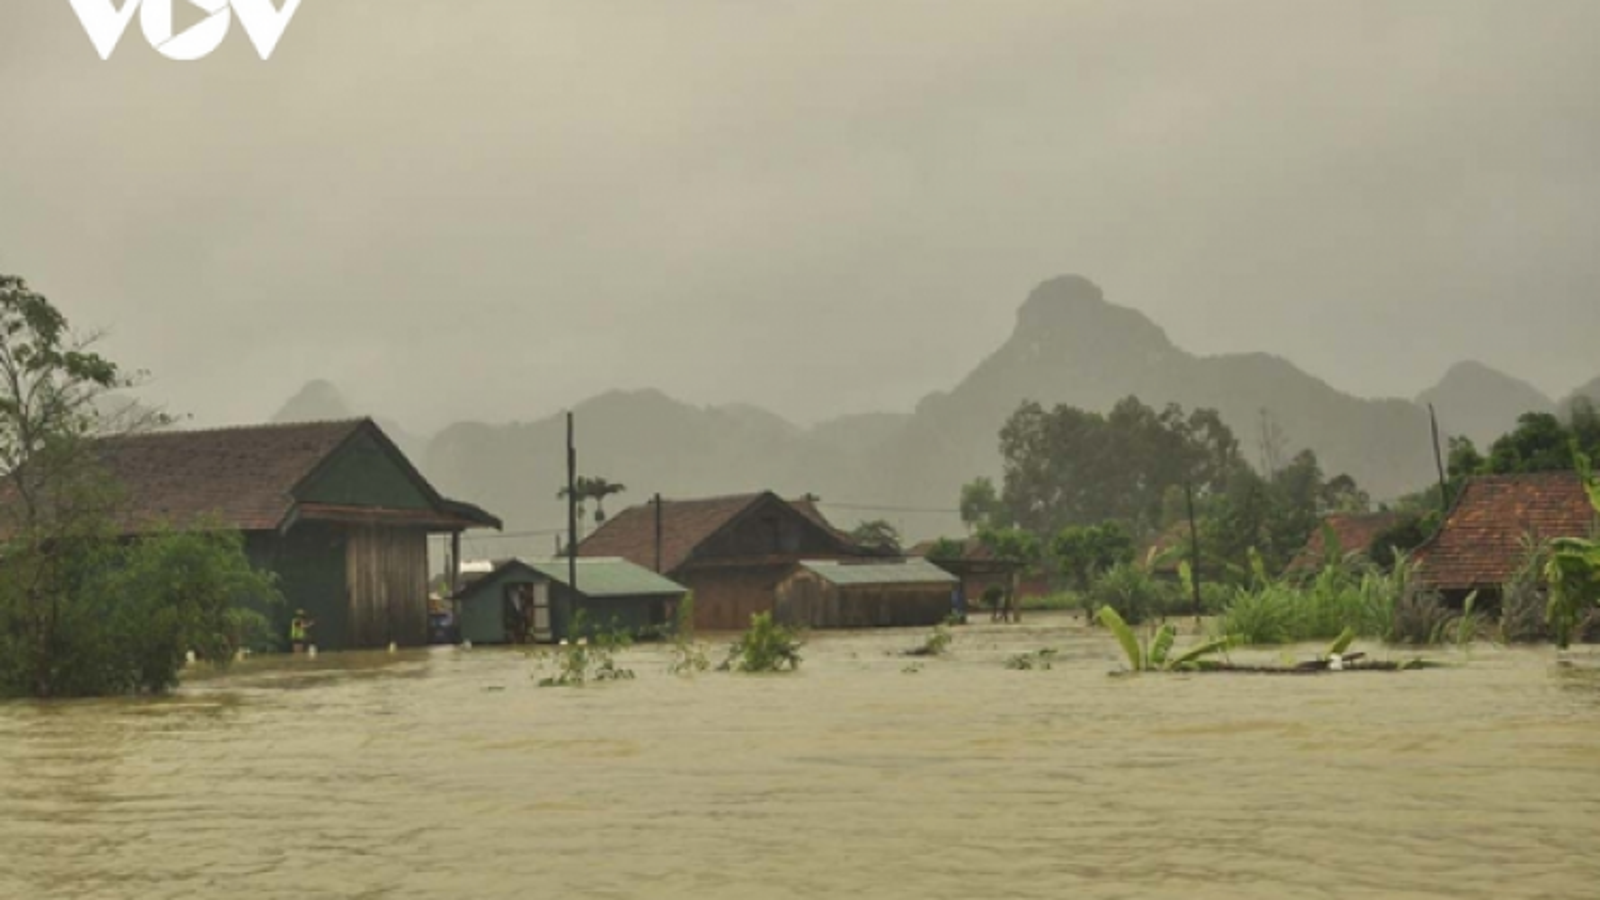 Khả năng dự báo thiên tai của Việt Nam đang ở đâu?